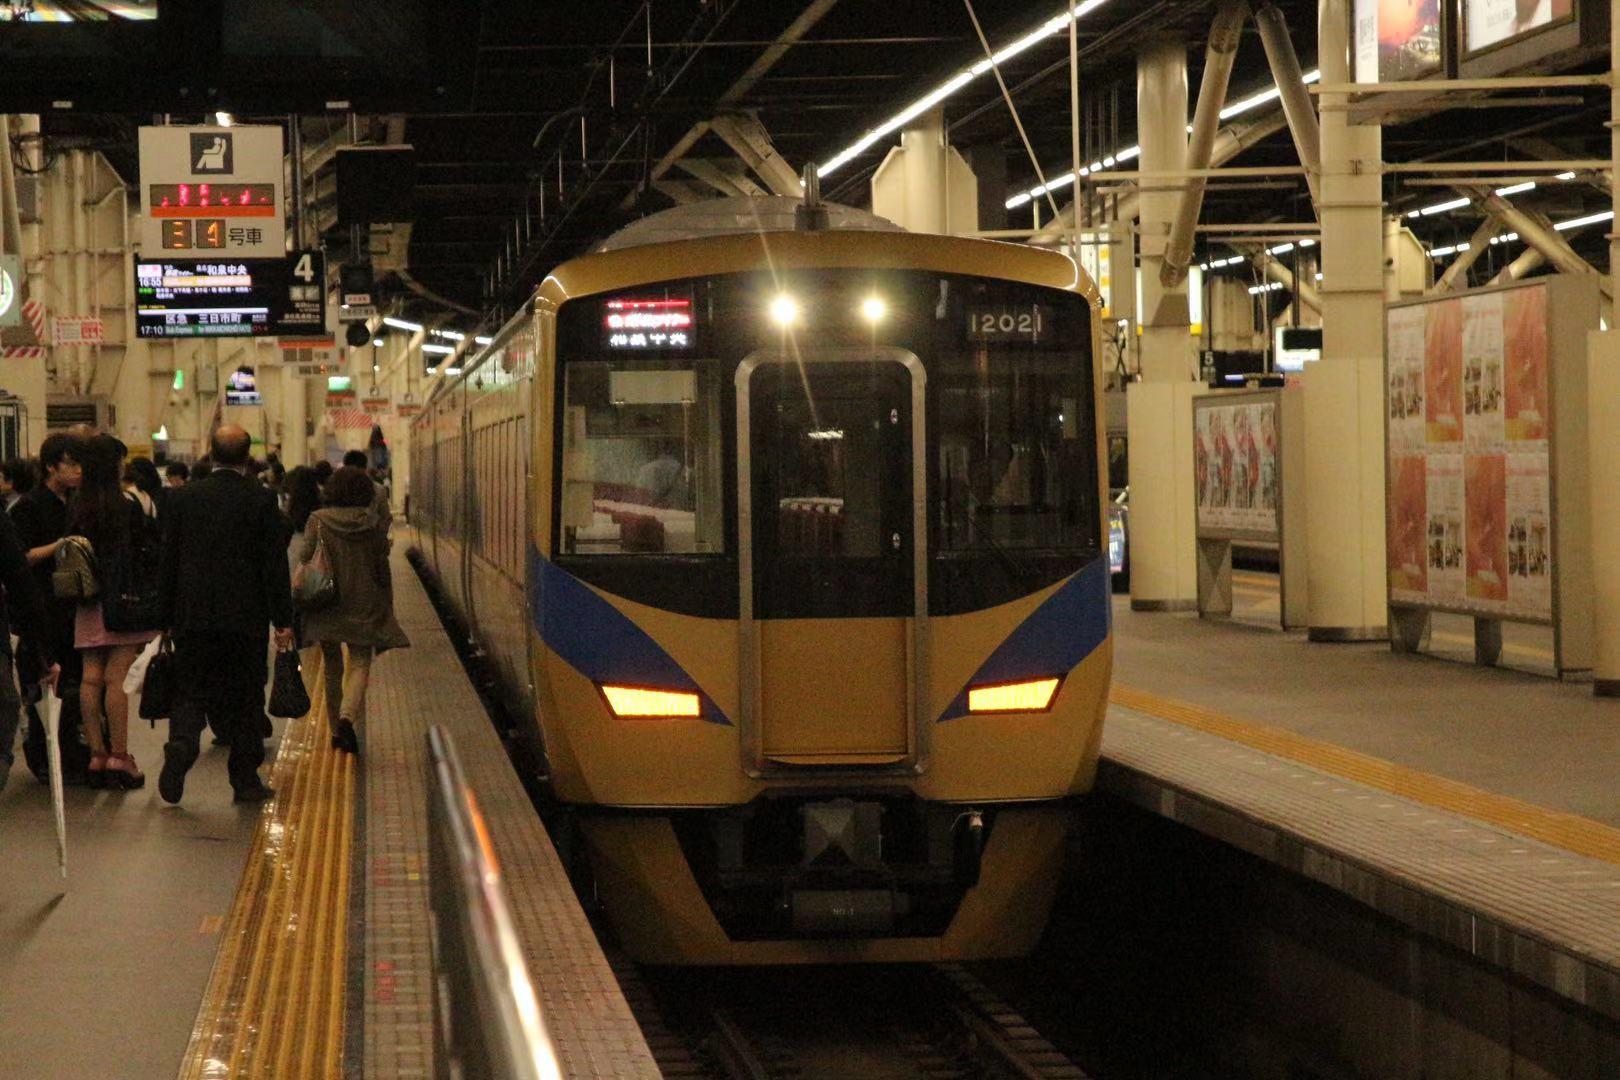 【関西でMaaS】大阪万博に向けてMaaS検討へ JRや大阪メトロなど合わせて7社が導入を検討